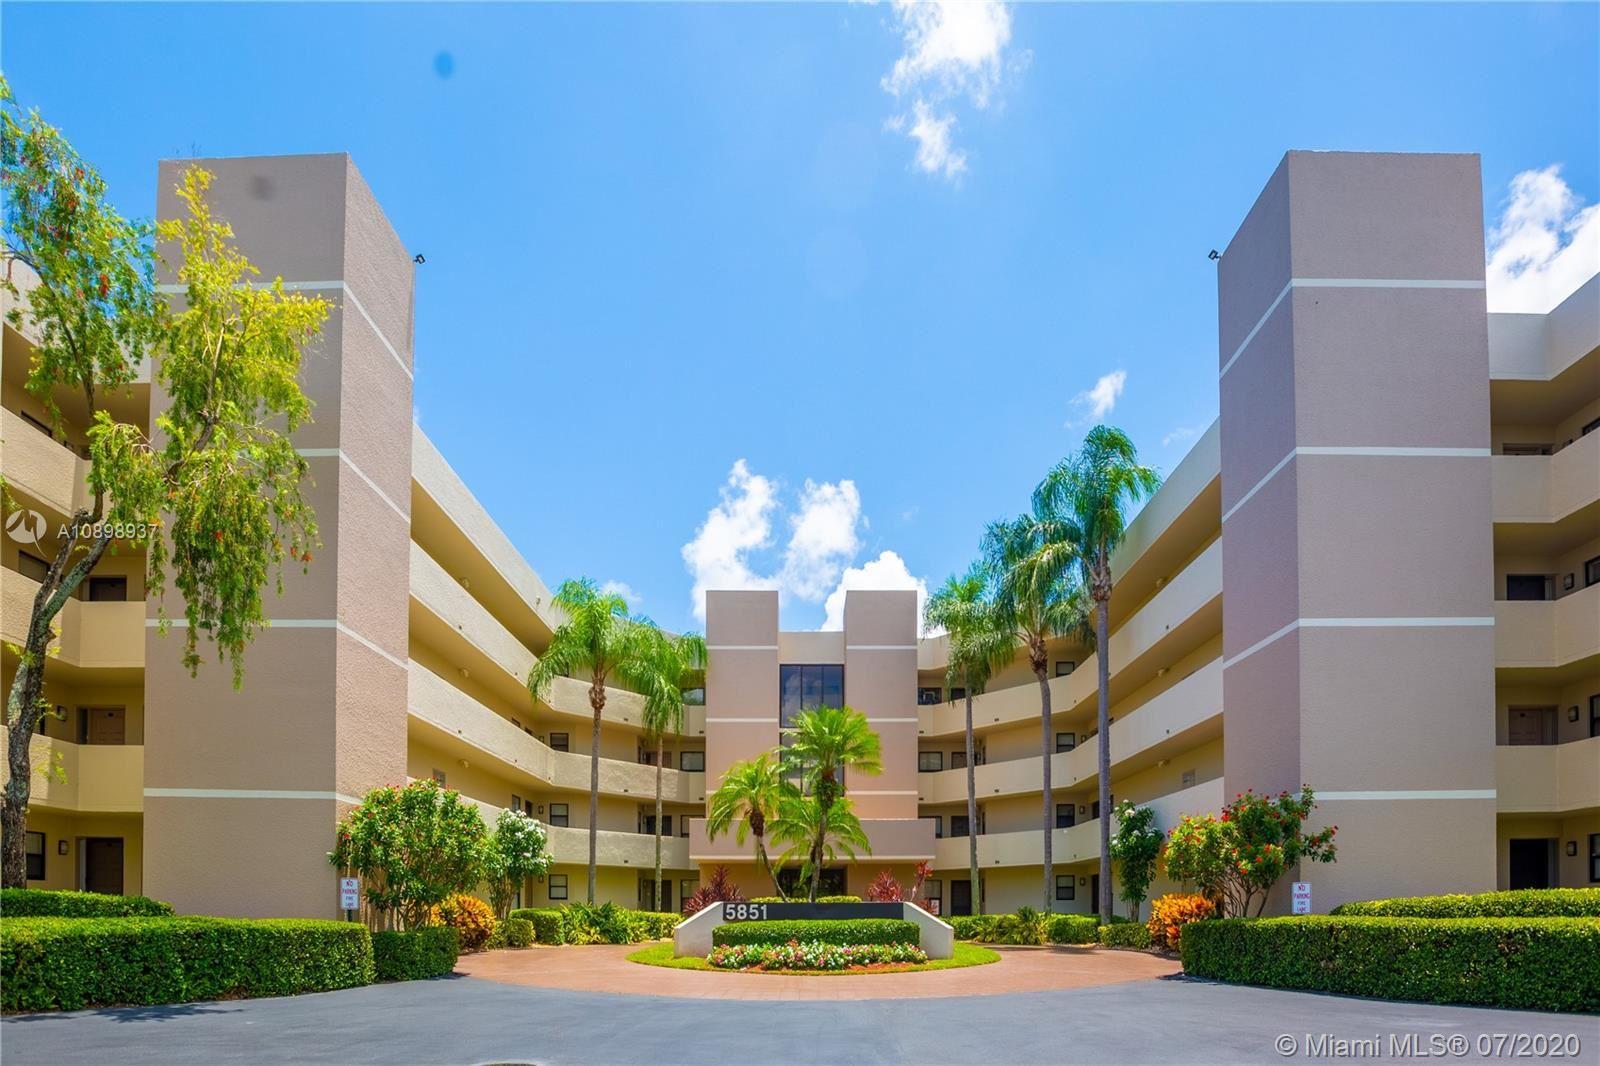 5851 Camino Del Sol #305, Boca Raton, FL 33433 - #: A10898937